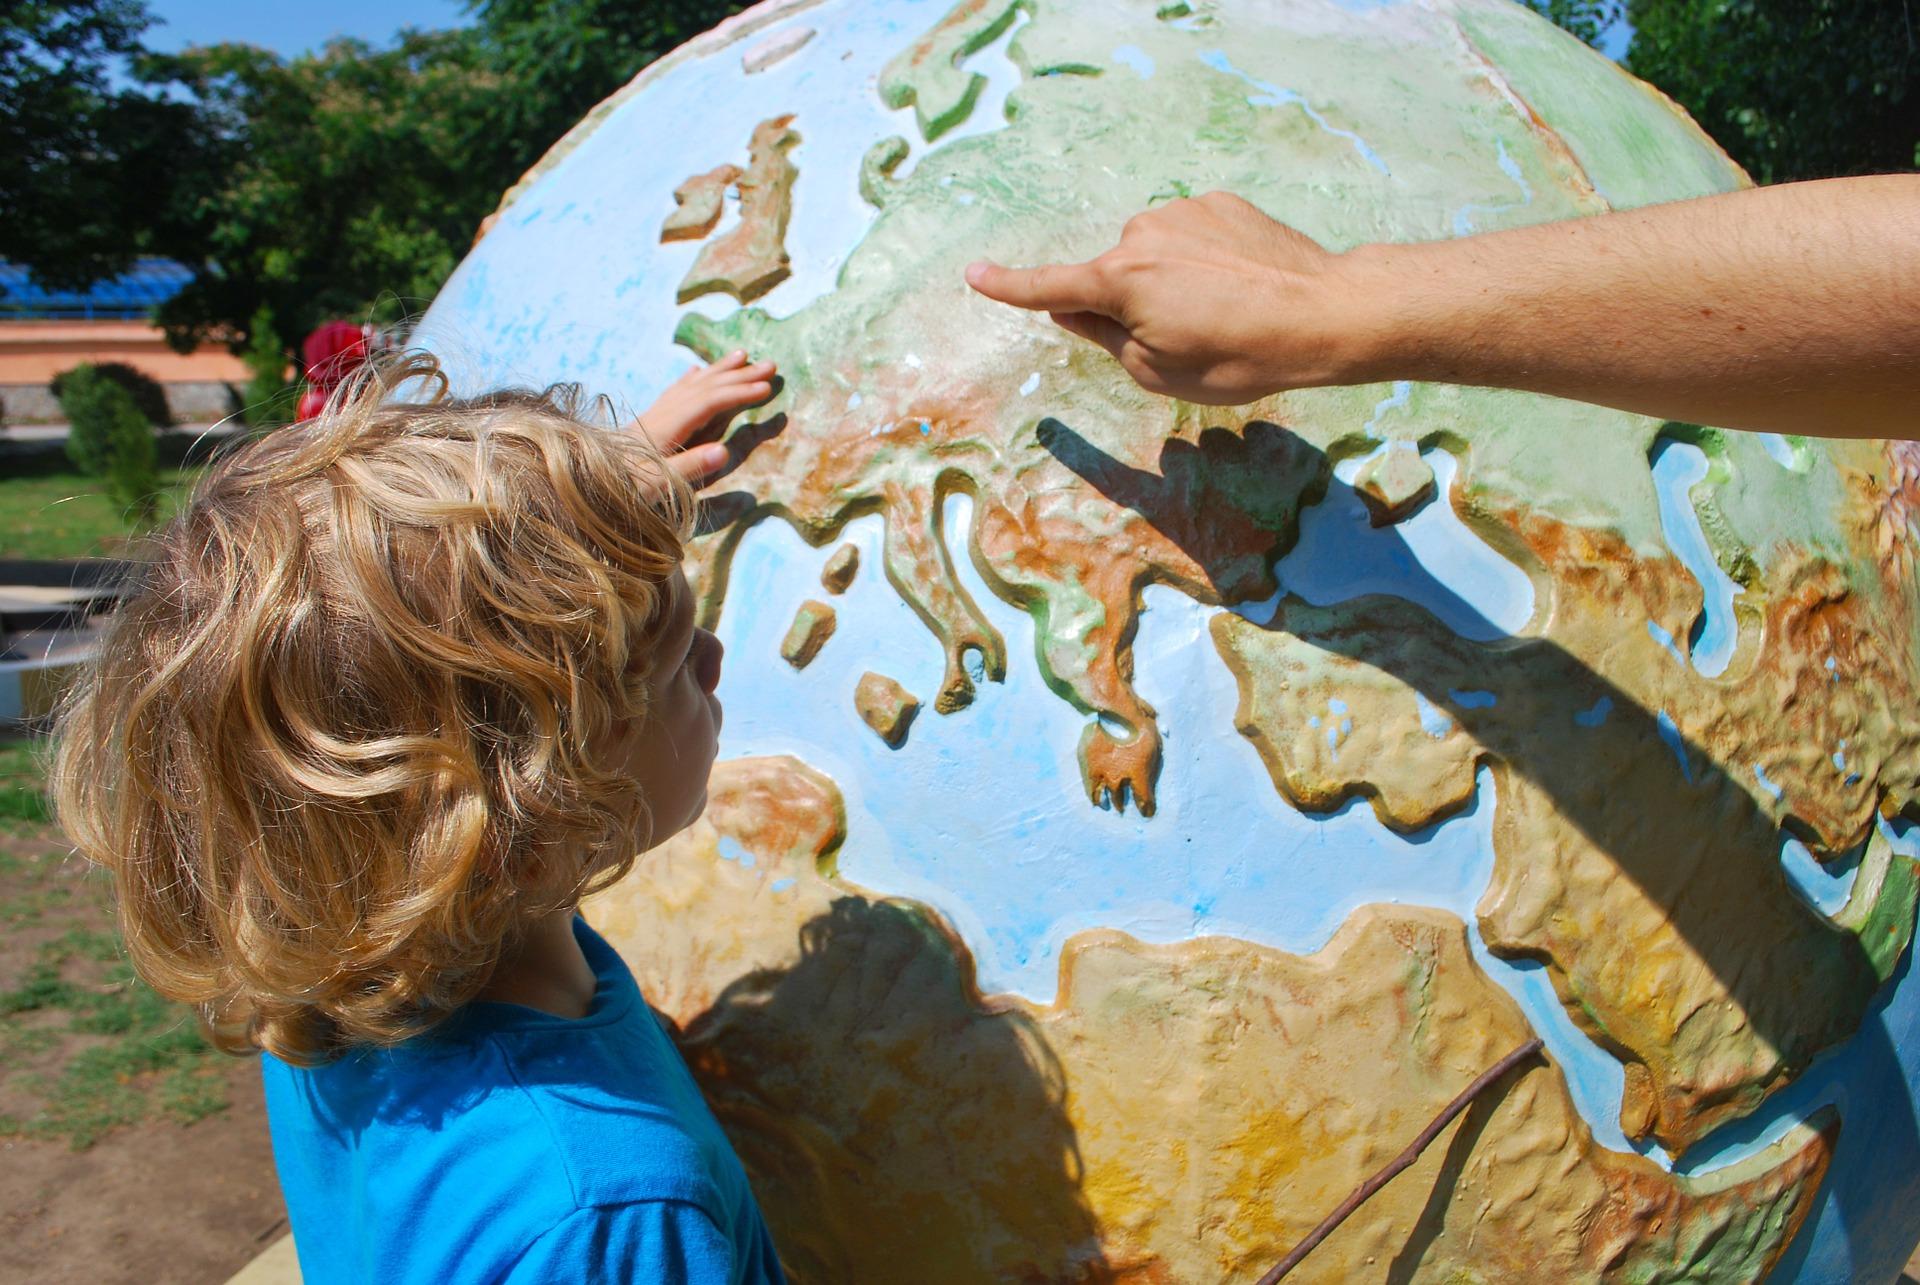 Hogyan menjek ki külföldre dolgozni? 1. rész